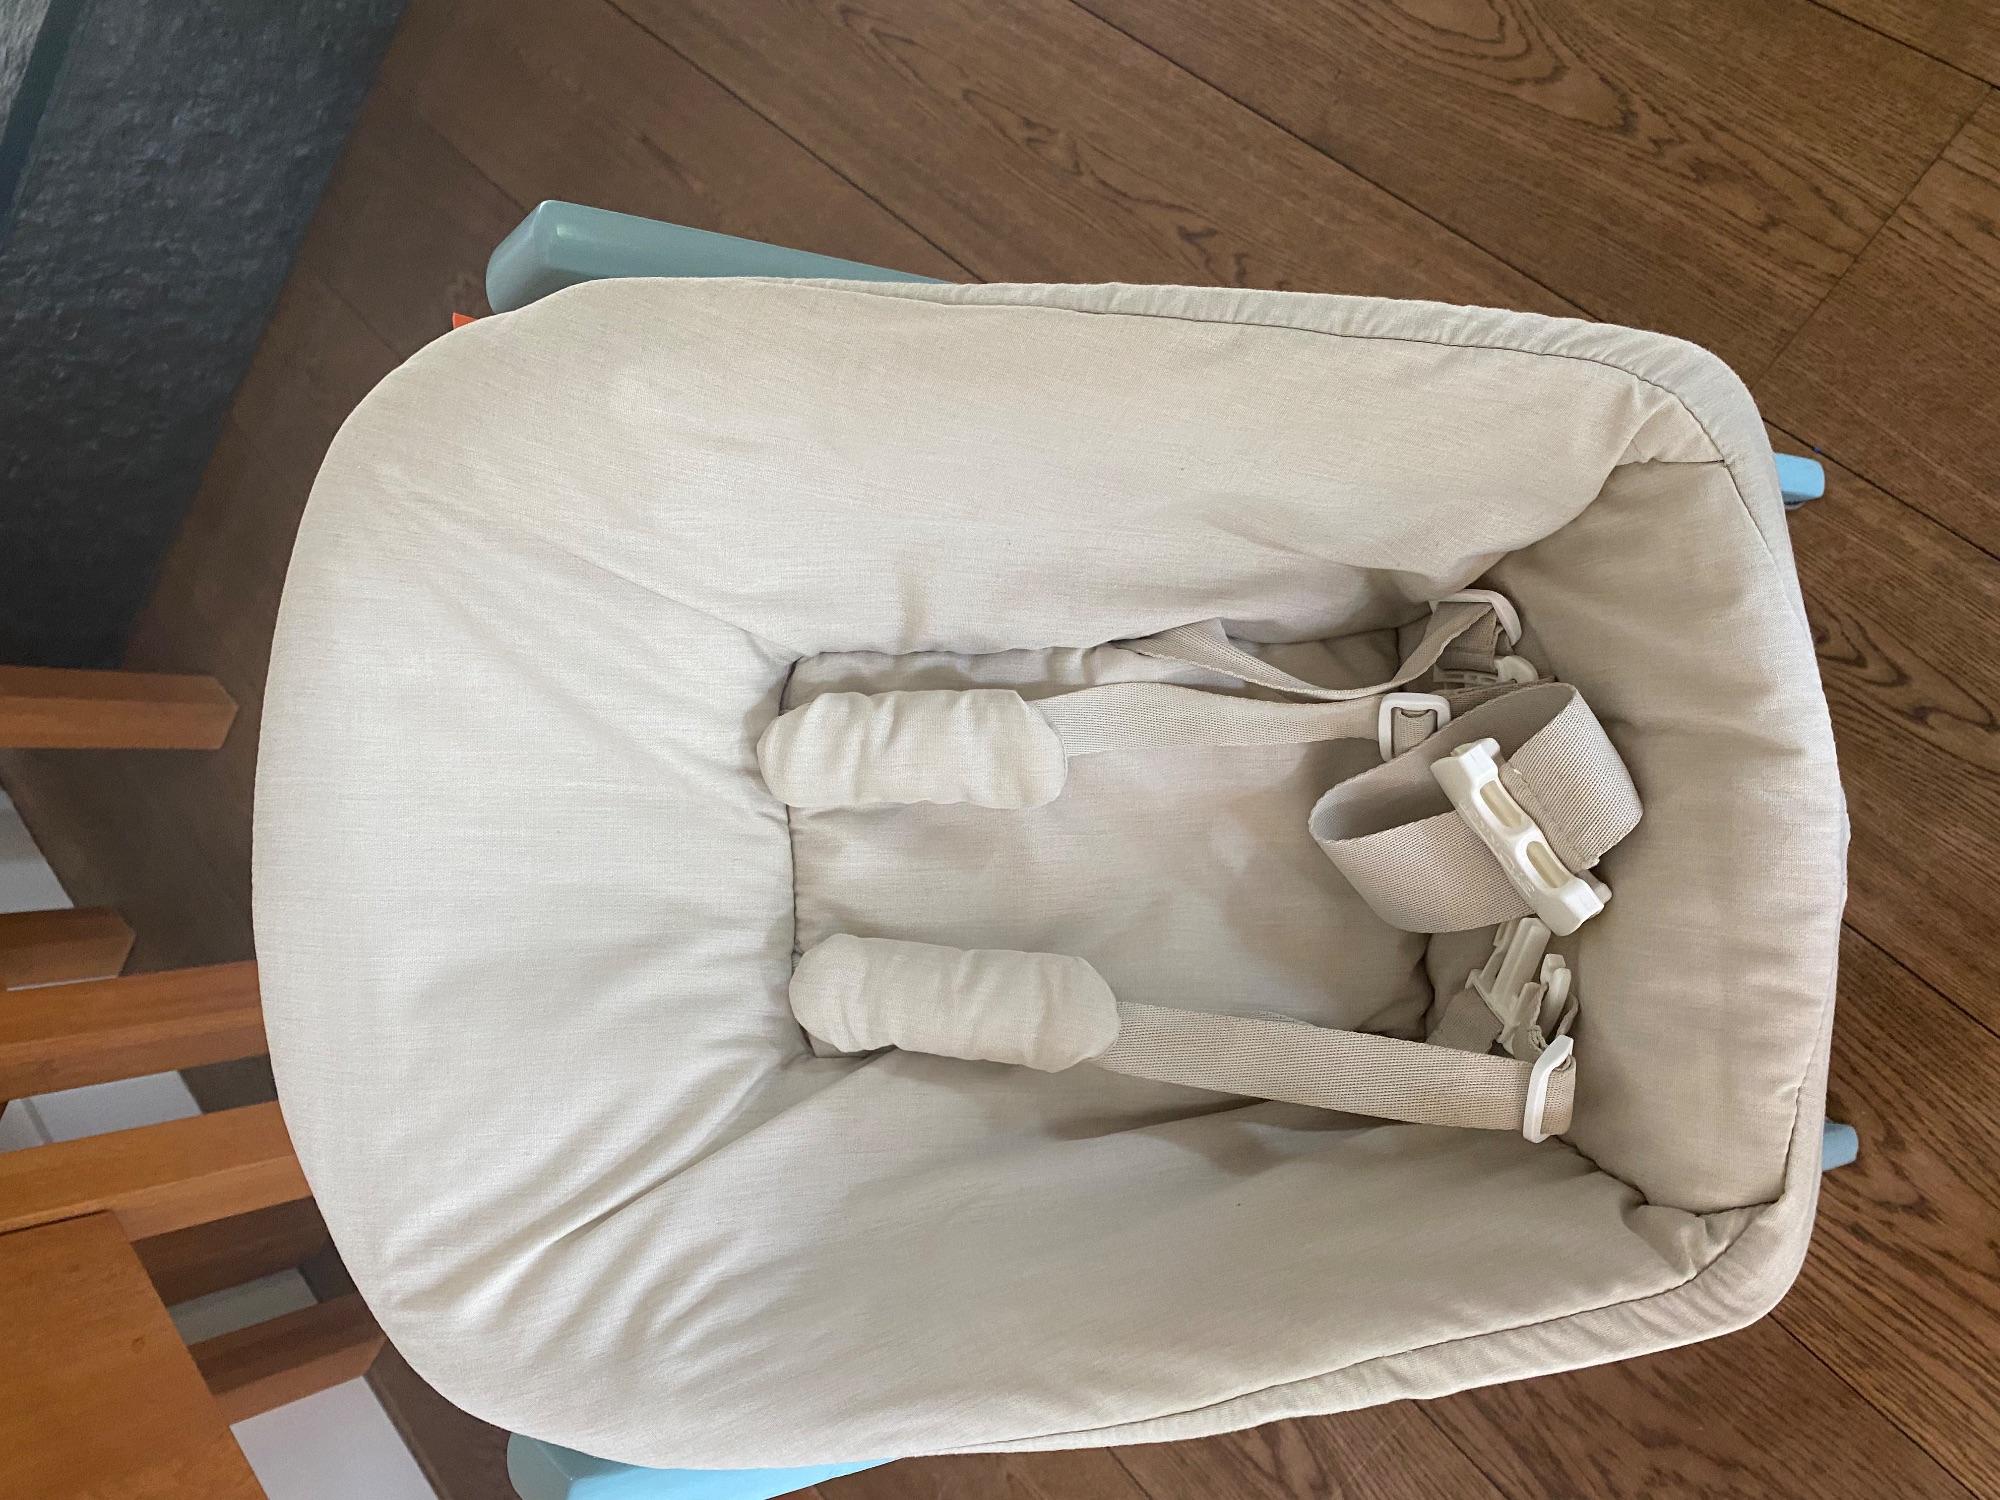 Trip trap newborn set